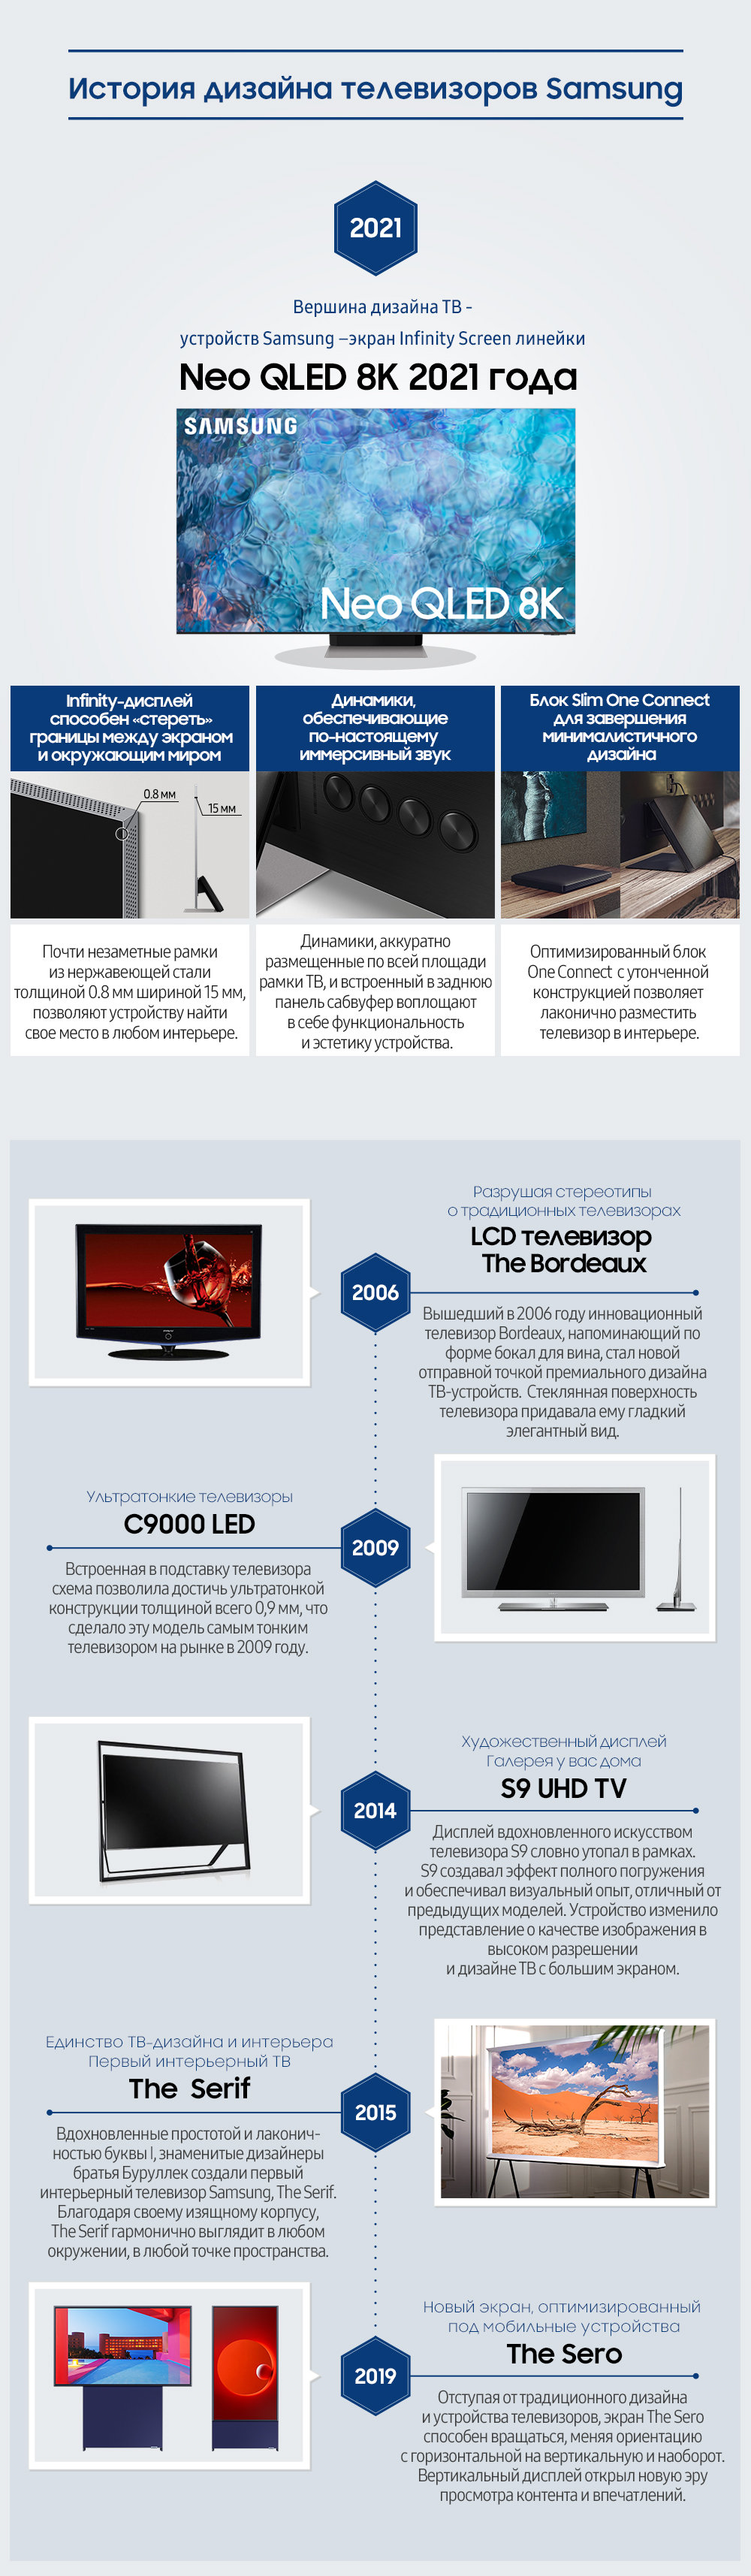 [Инфографика] История дизайна инновационных телевизоров Samsung